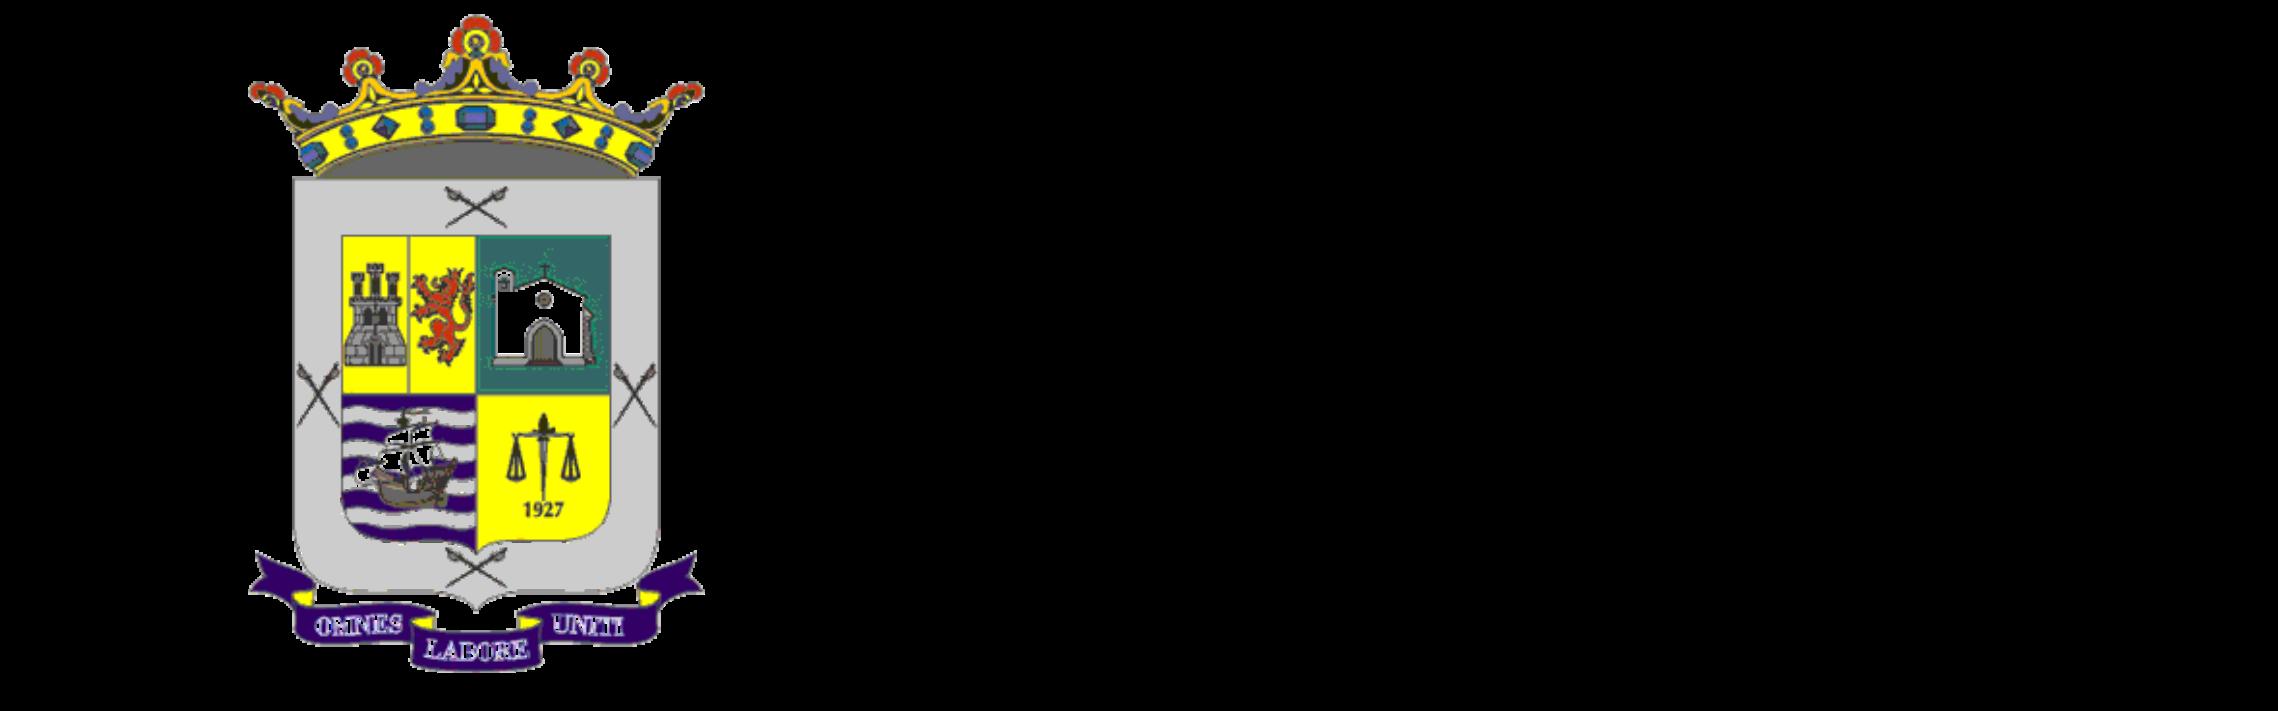 La Aldea-GCOM-orientacion canarias